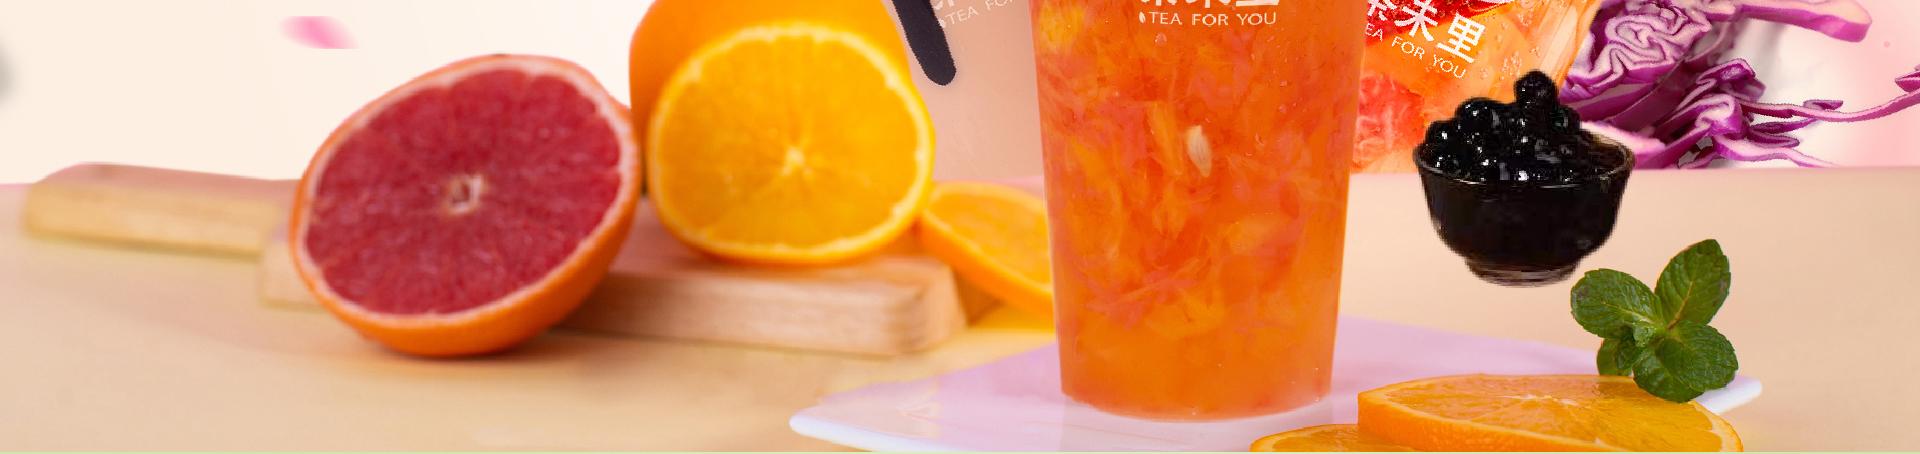 茶未里奶茶cwl_05